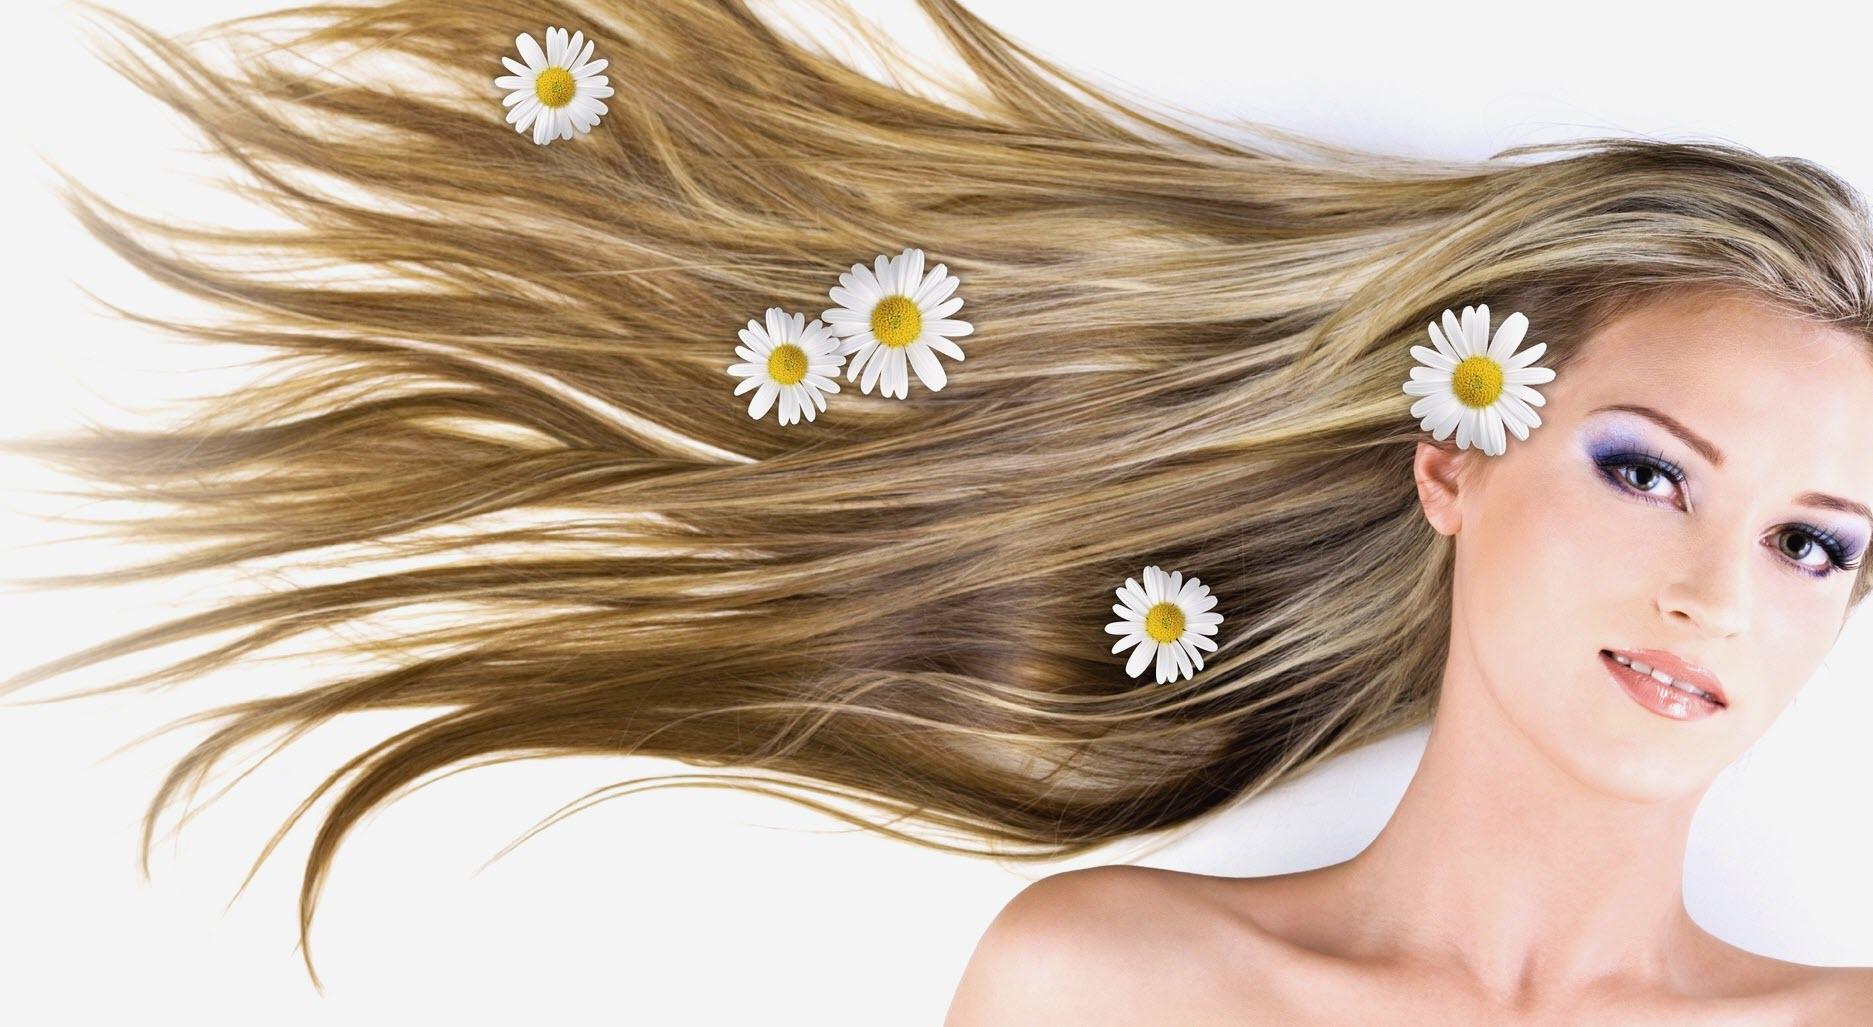 Пилинг кожи головы в домашних условиях помогает сохранить волосы чистыми долго